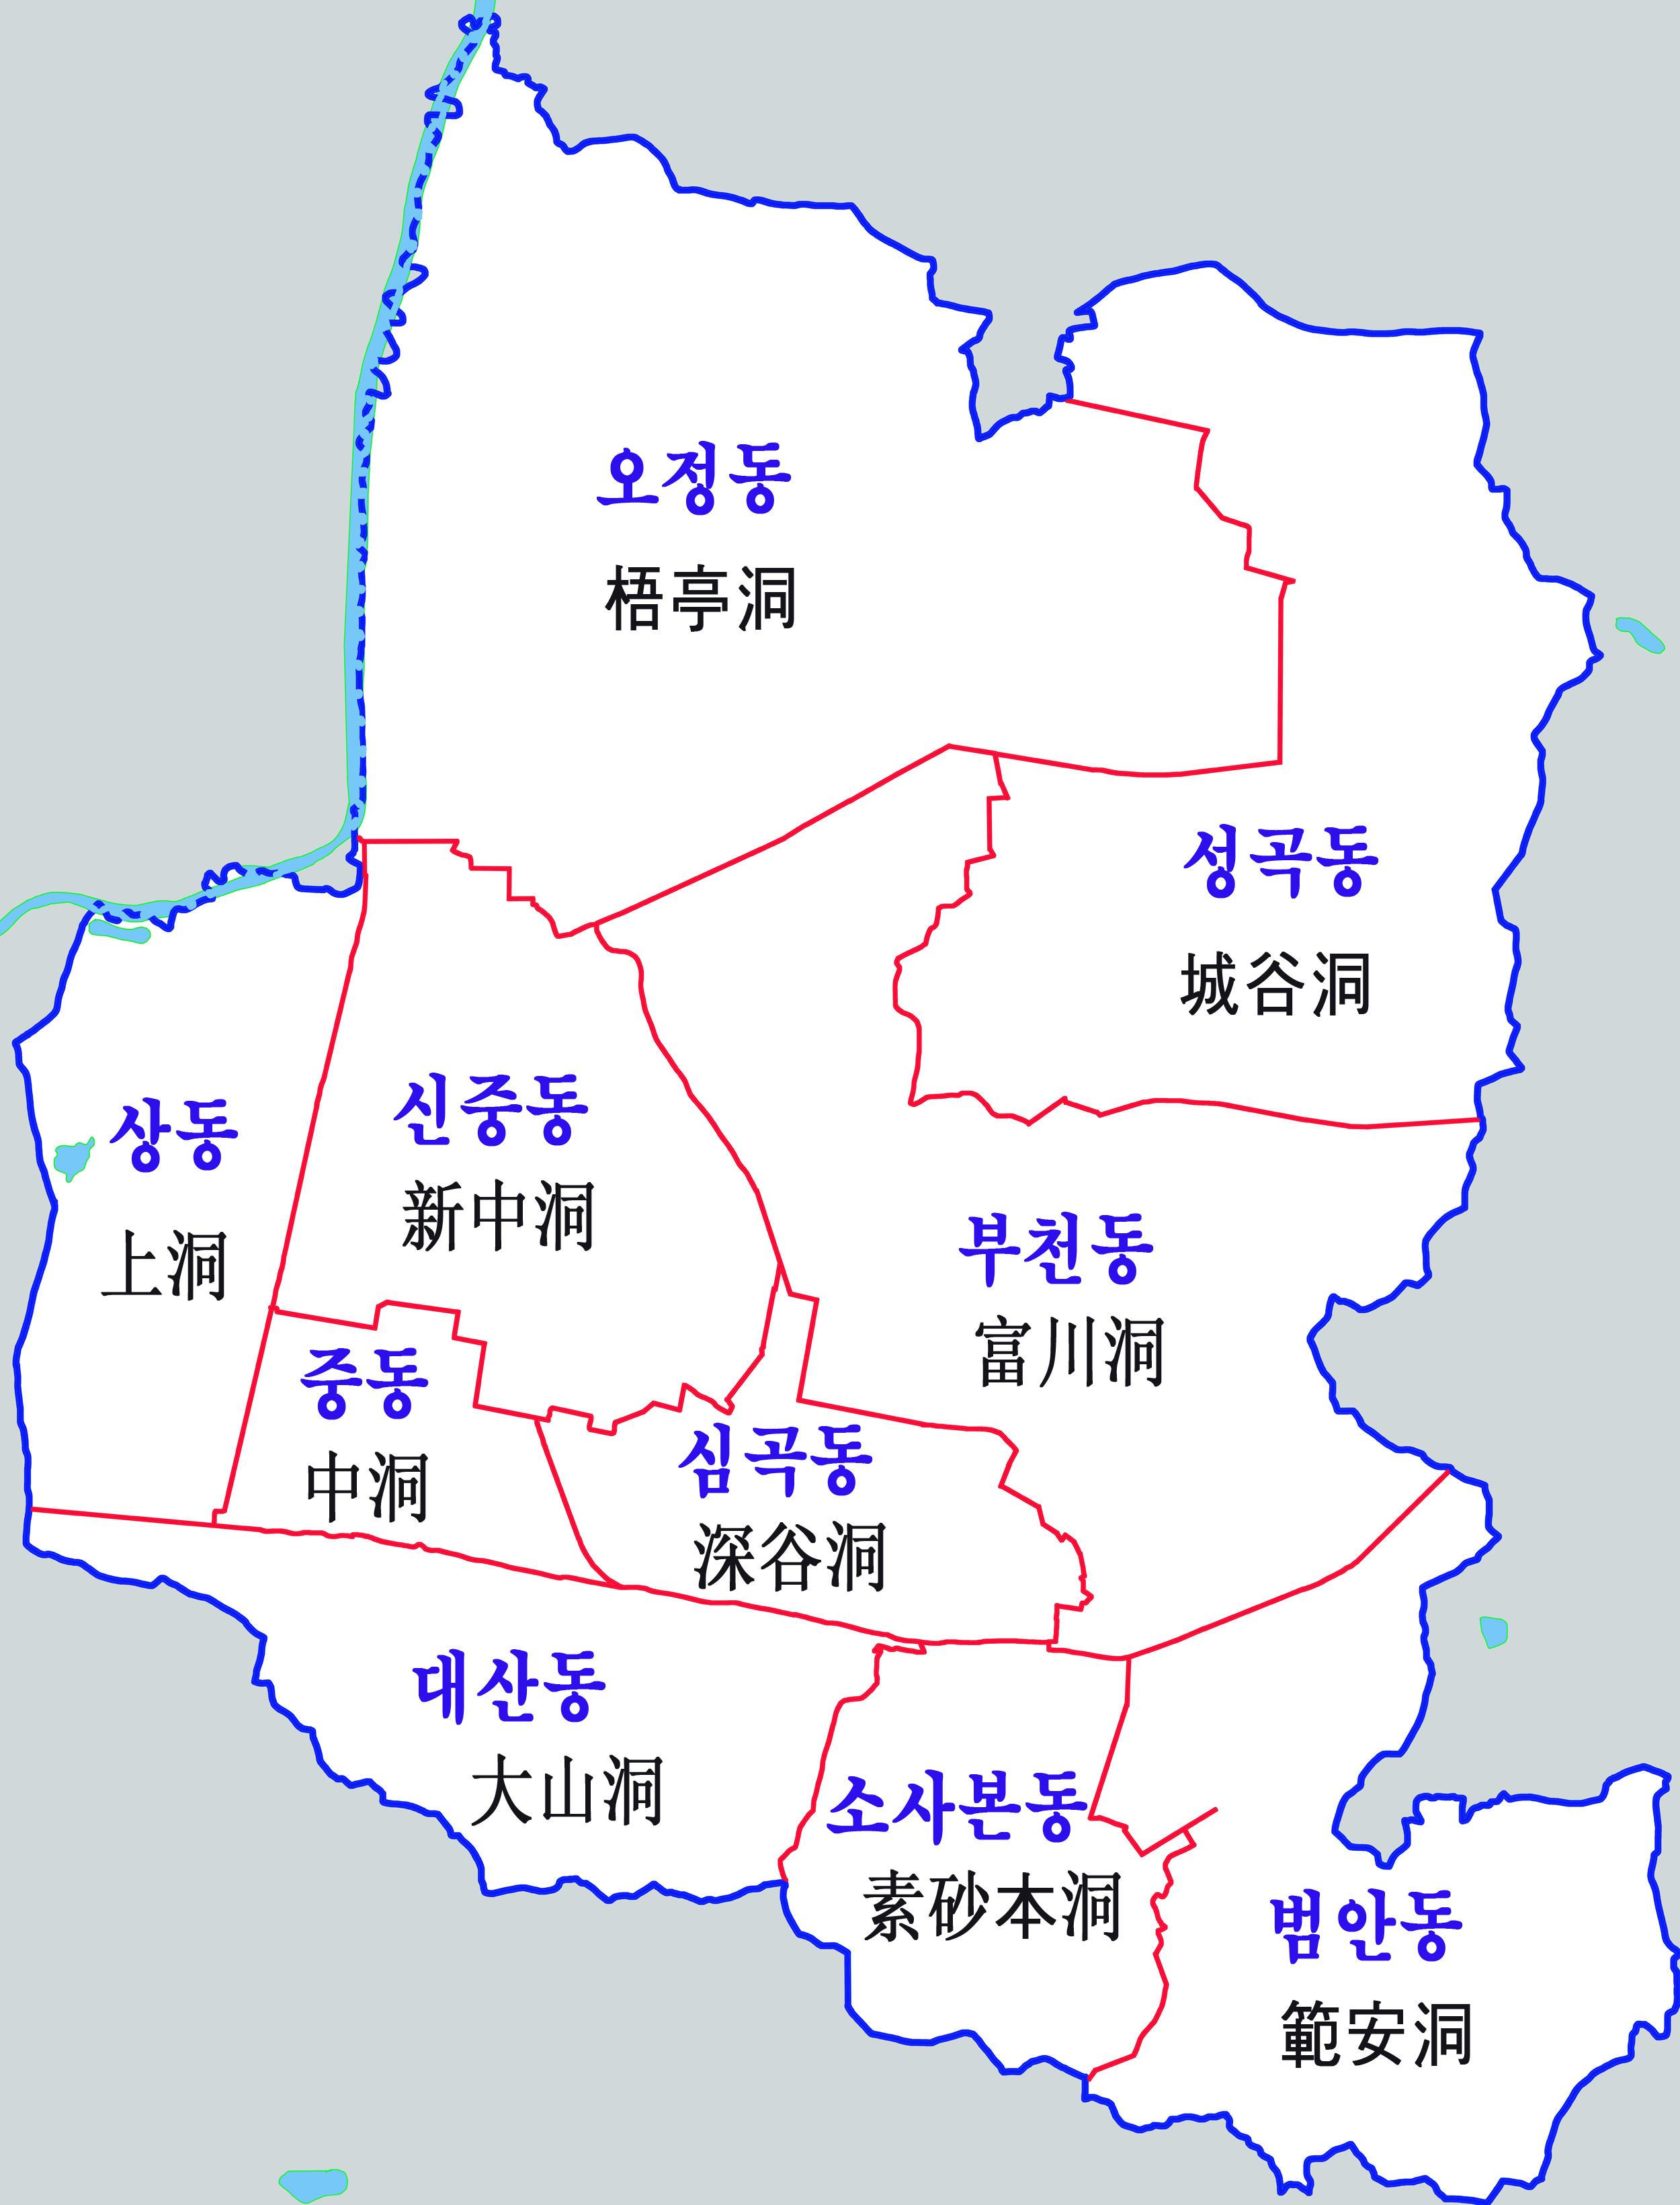 FileBucheonmappng Wikimedia Commons